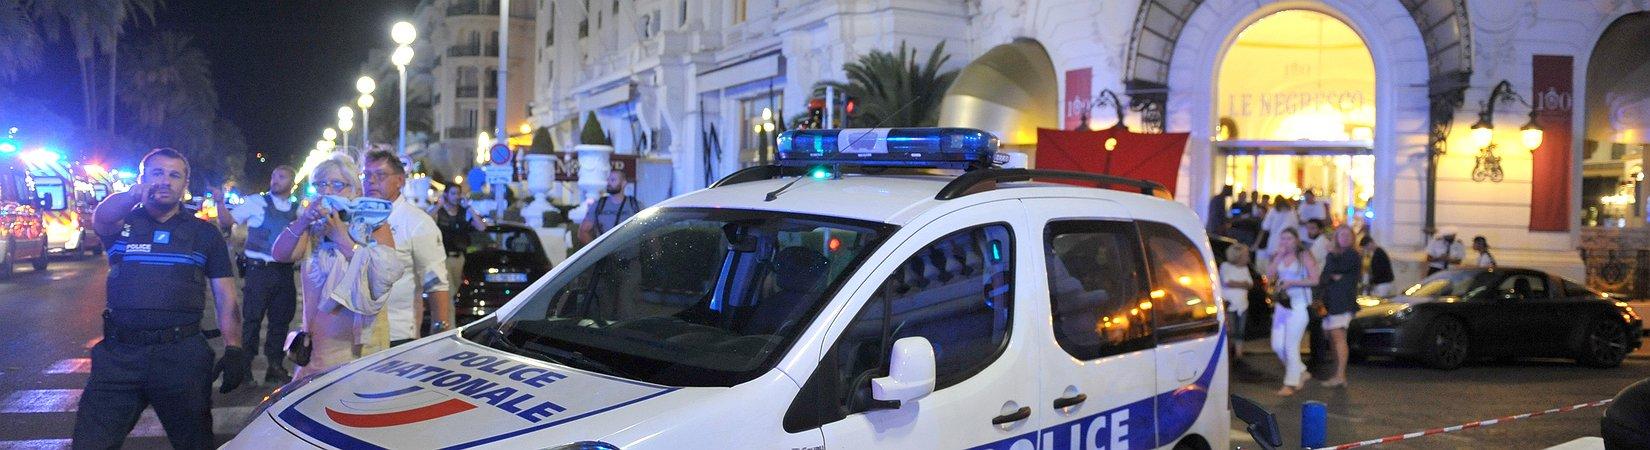 Al menos 84 muertos en un ataque contra una multitud en Niza